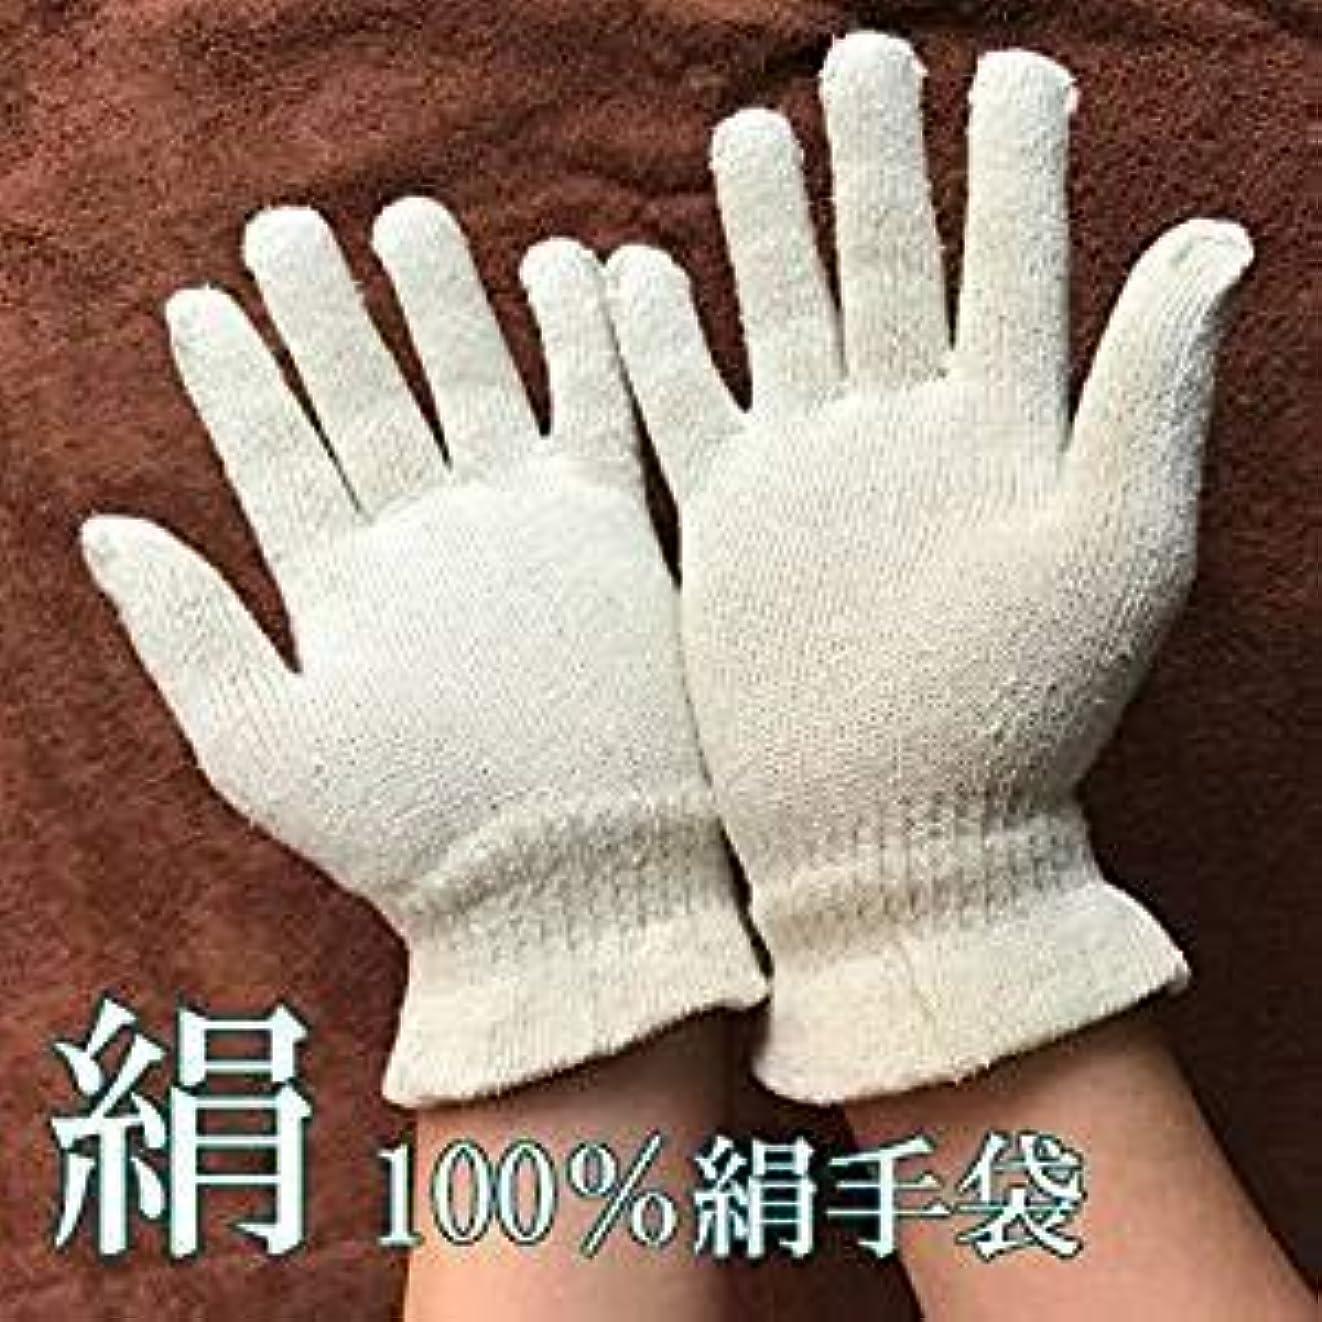 八購入フォーム絹手袋2枚セット【ガルシャナ アーユルヴェーダ】カパ体質 おやすみ手袋 丈夫 手荒れケア 絹手袋 シルク手袋